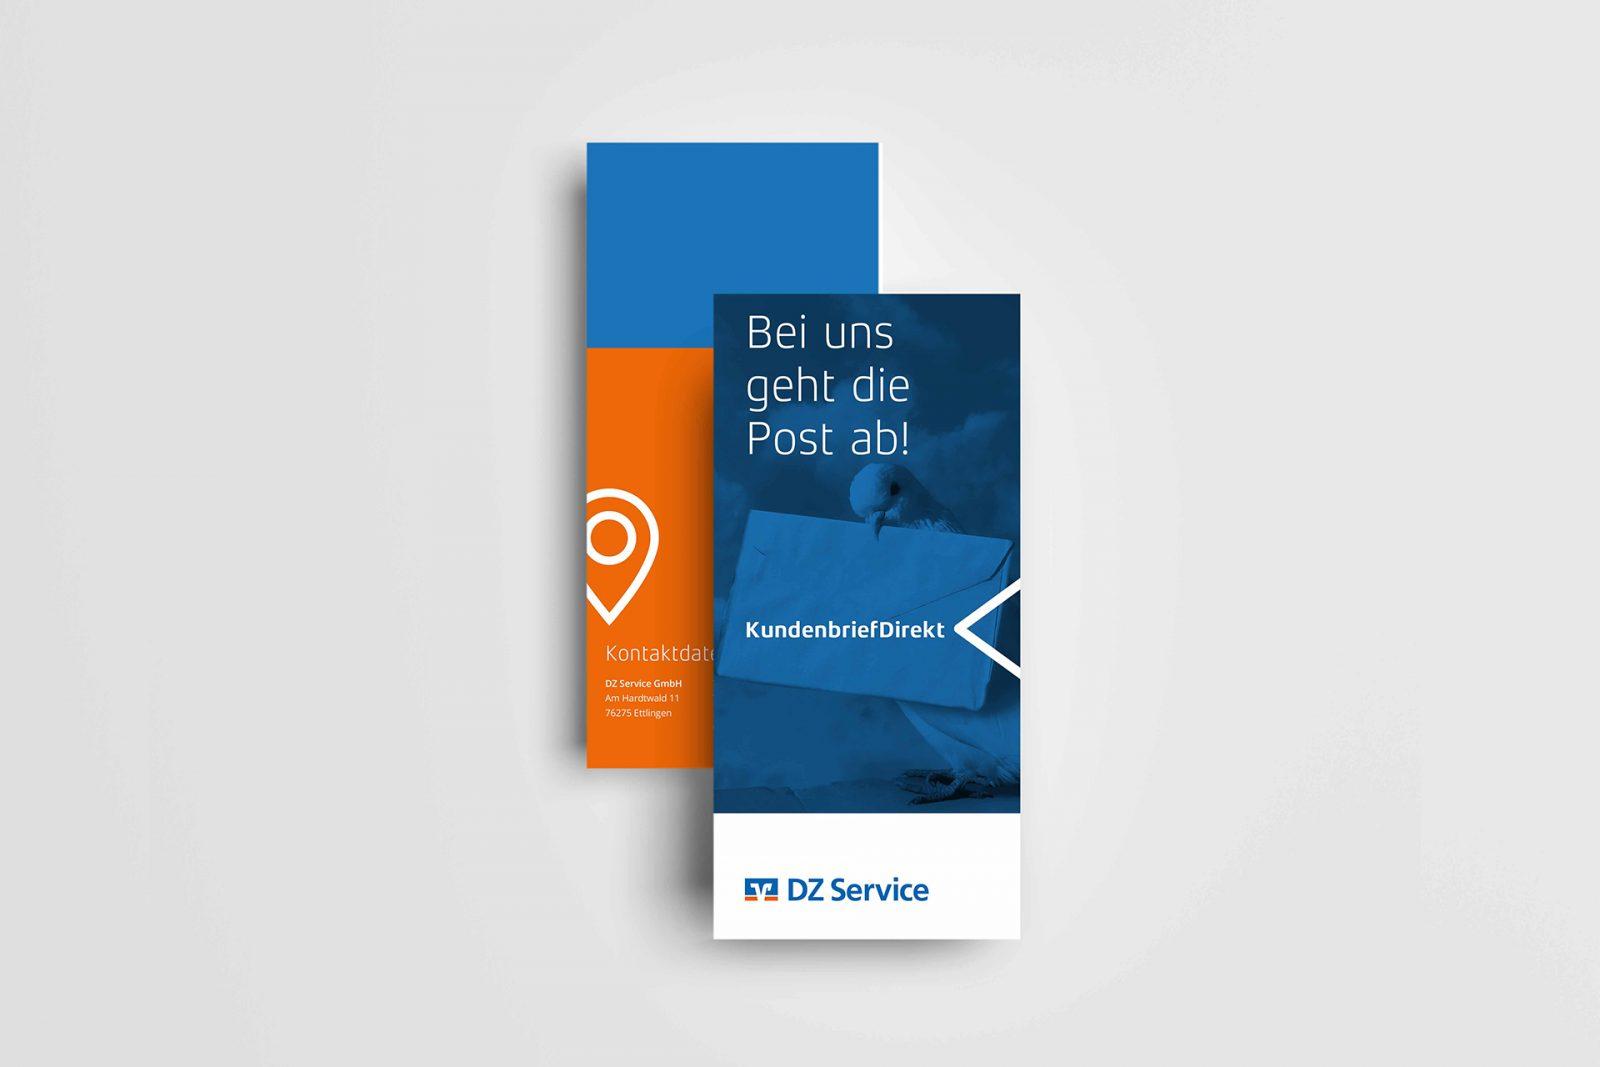 Sabath Media Werbeagentur - DZ Service – Flyer - Referenzbild 2